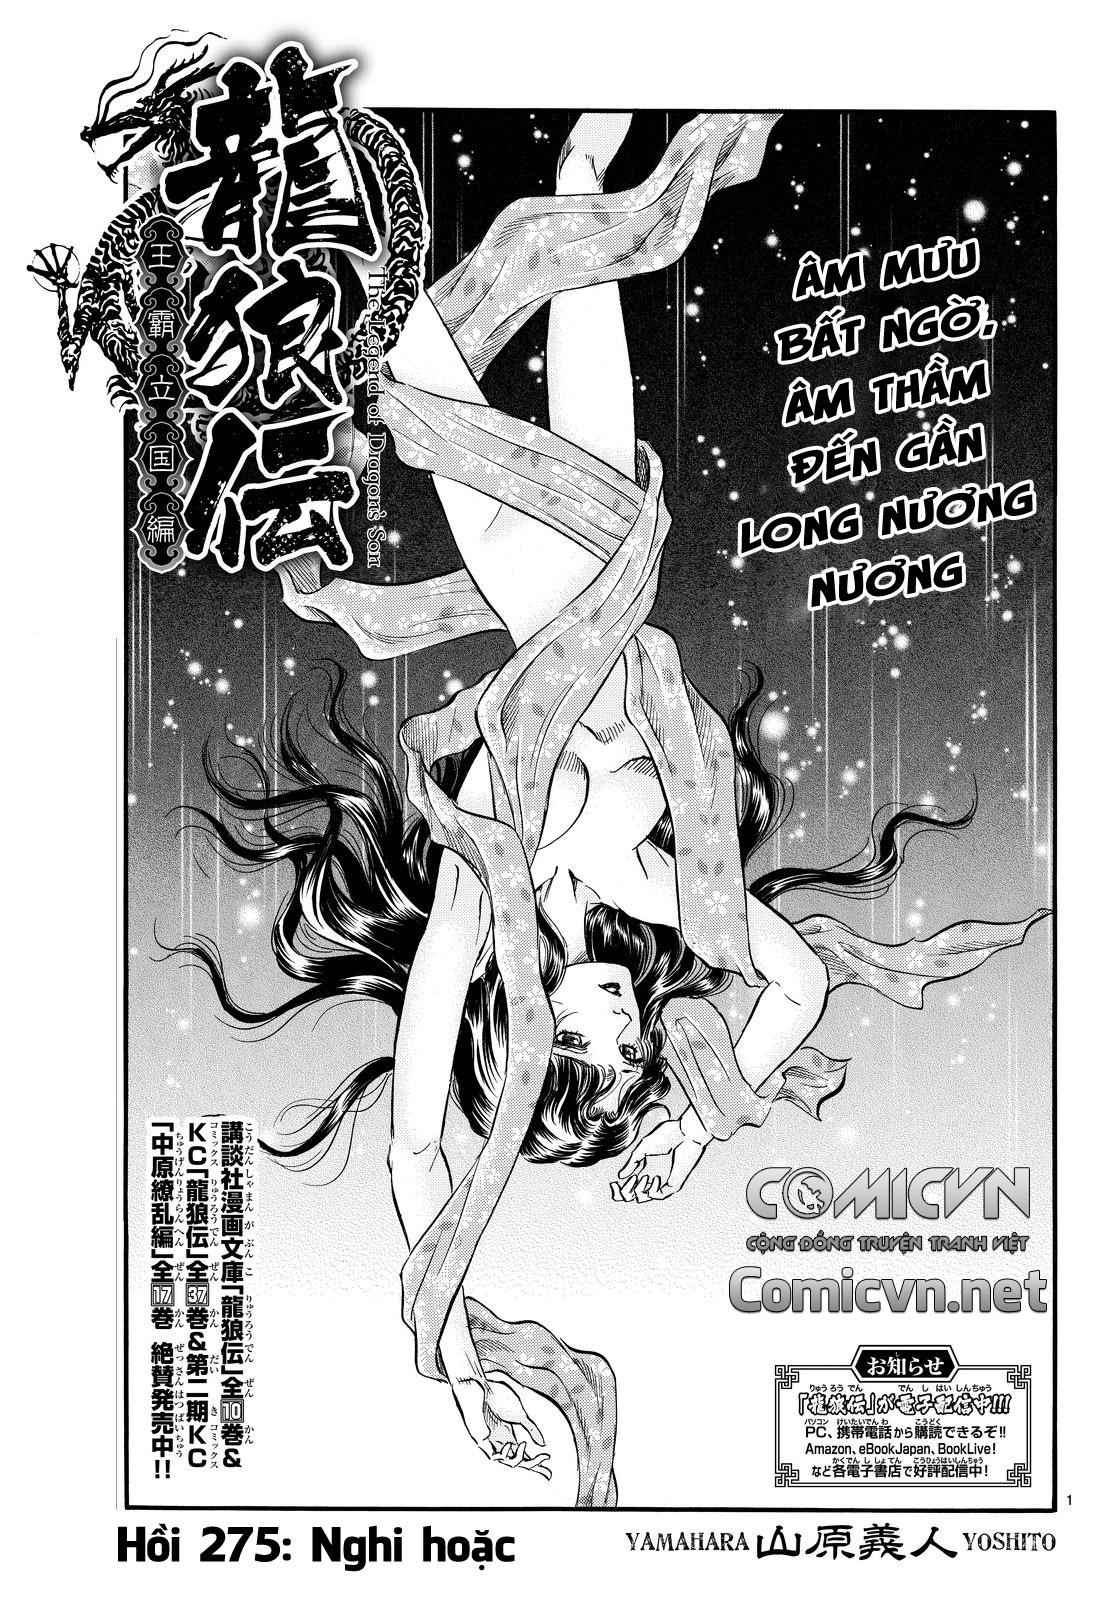 Chú Bé Rồng - Ryuuroden chap 276.2 - Trang 1